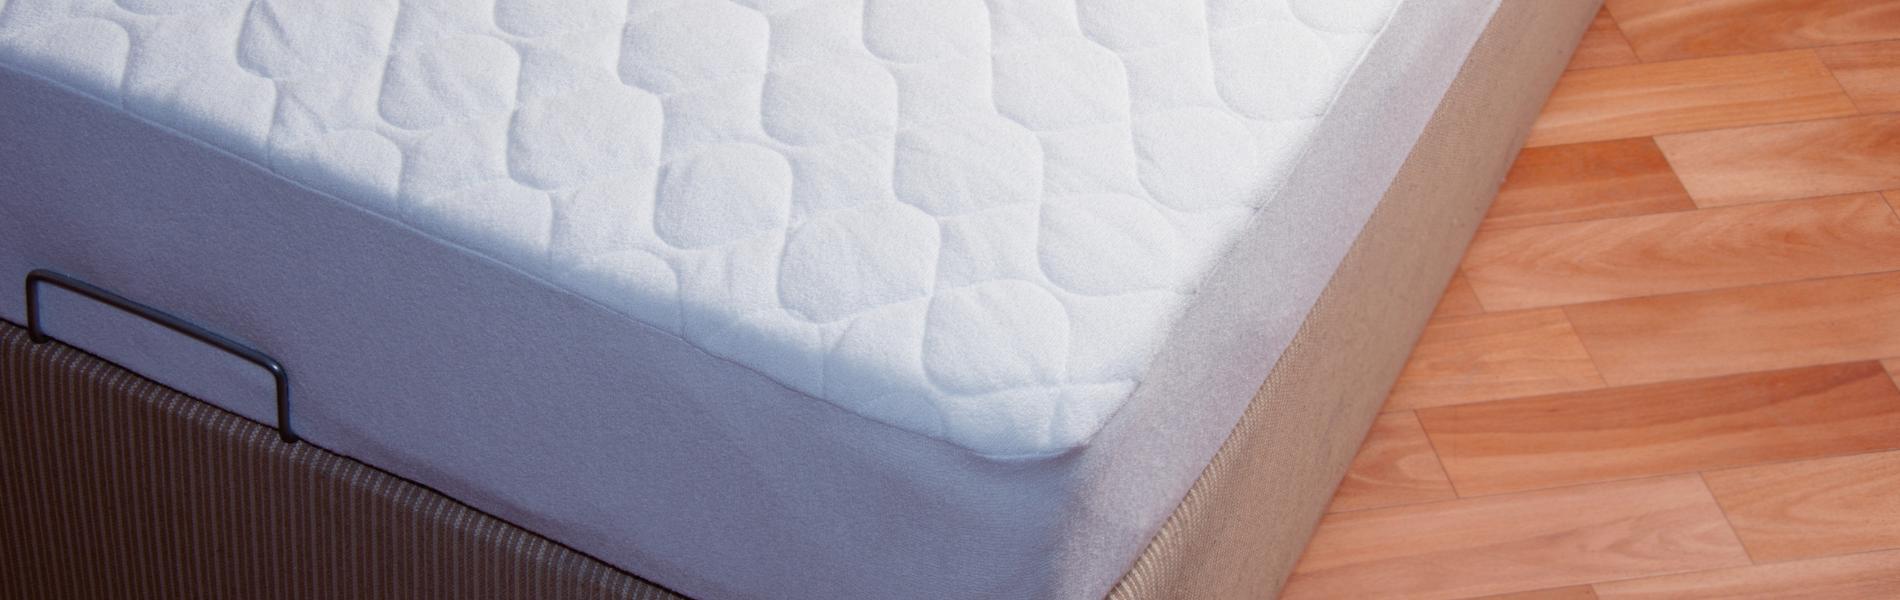 mattress header - How to Clean a Mattress